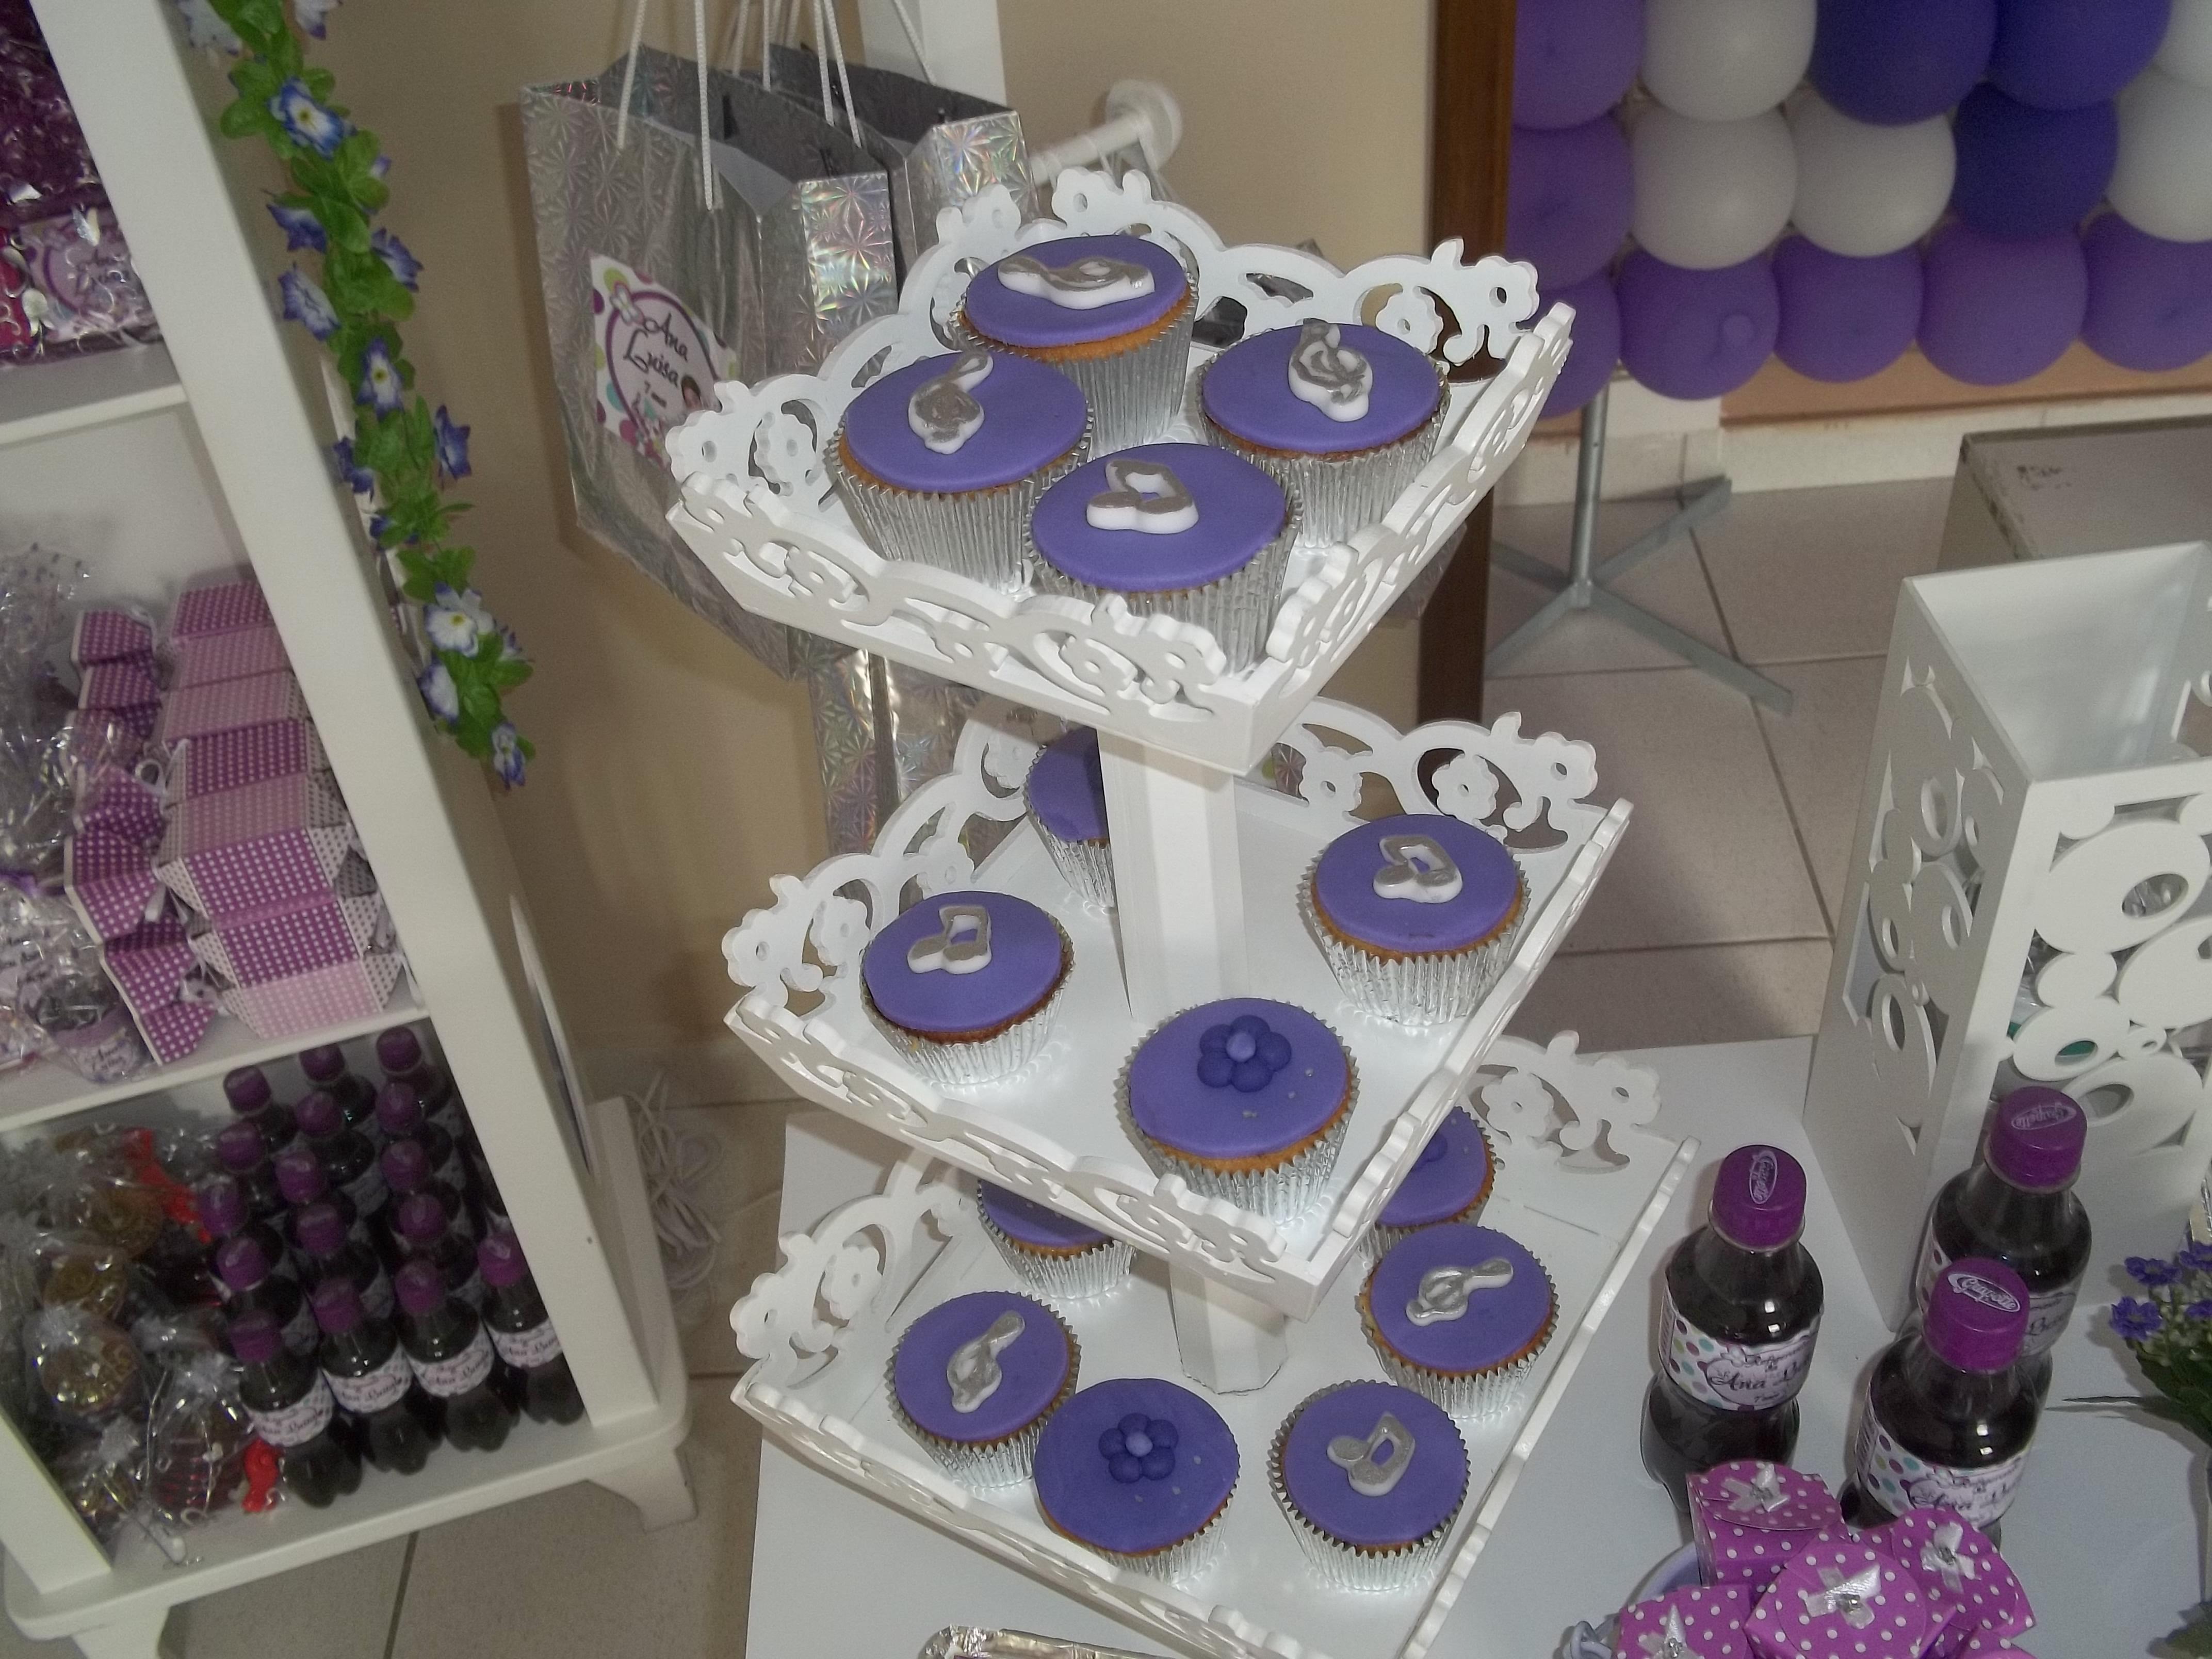 decoracao festa violeta:Decoração da violeta Decoração da violeta Decoração da violeta